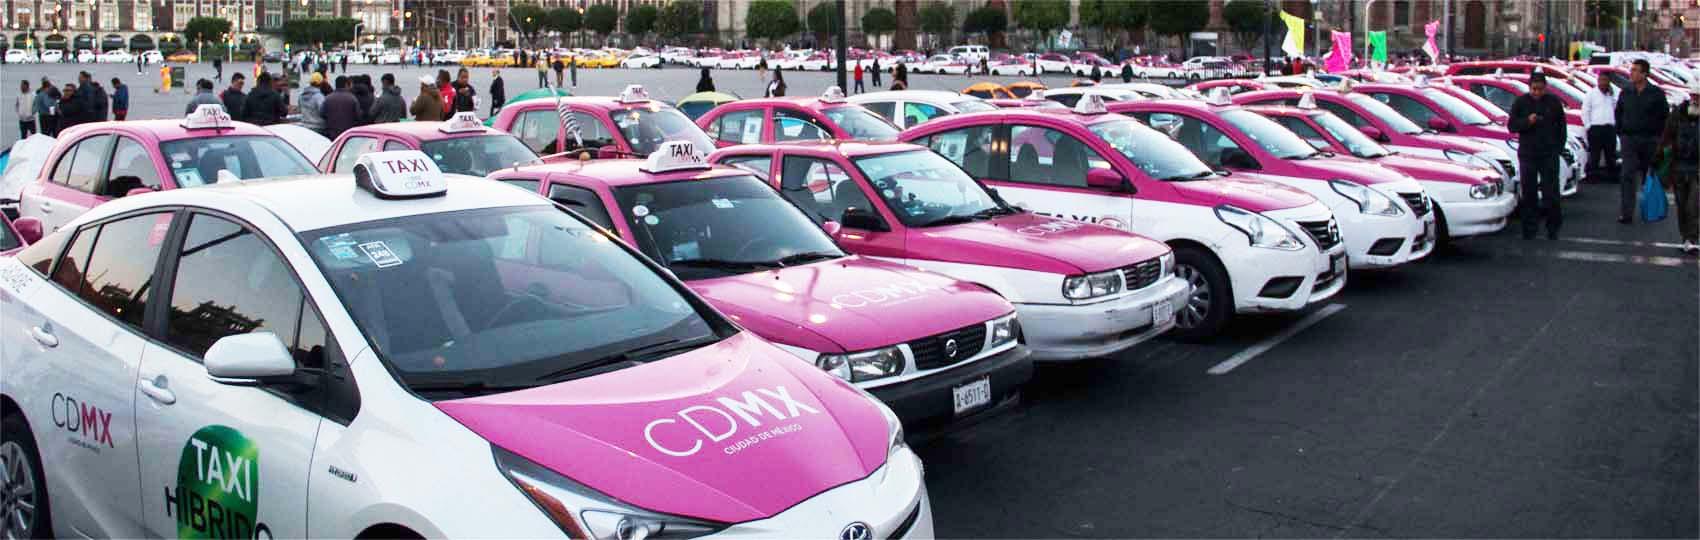 Noticias del sector del taxi y la movilidad en México. Mantente informado de todas las noticias del taxi de México en el grupo de Facebook de Todo Taxi.